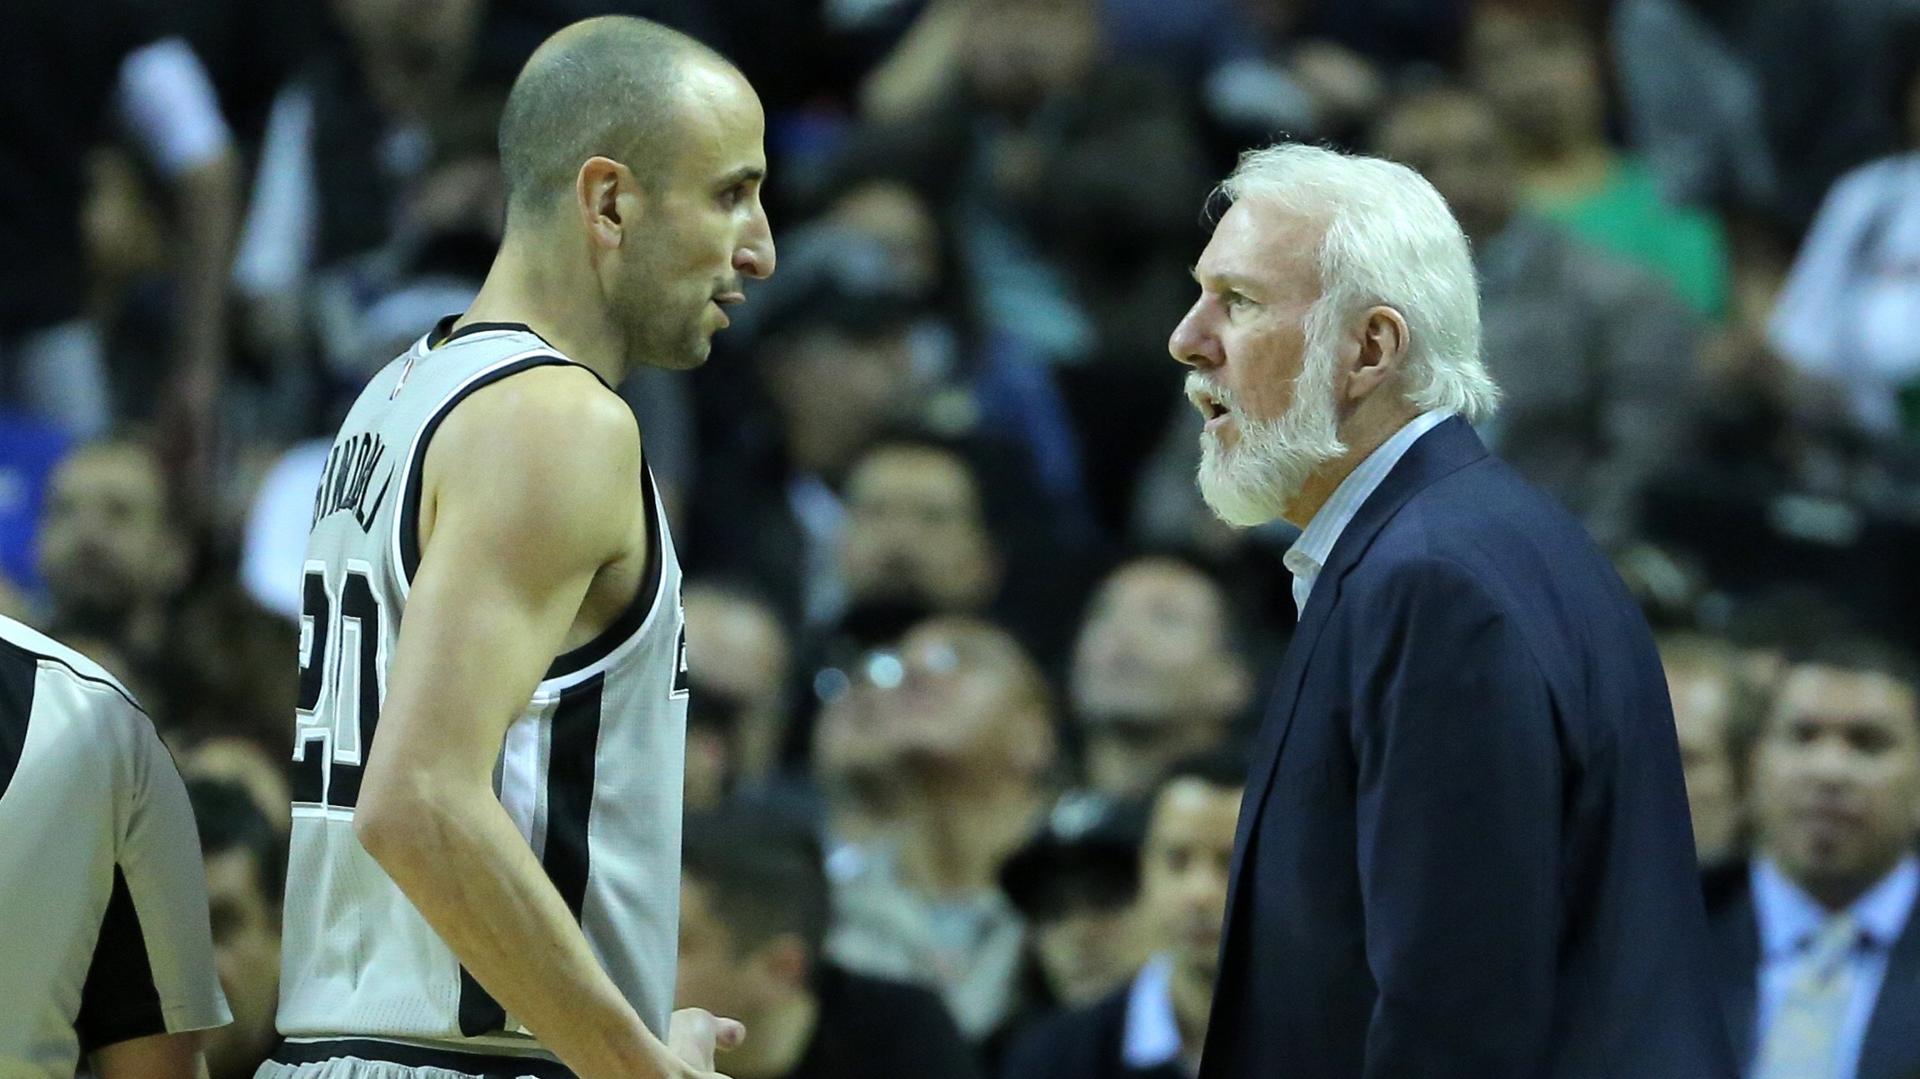 Junto a Gregg Popovich, con quien compartió una relación profesional a lo largo de toda su carrera en la NBA